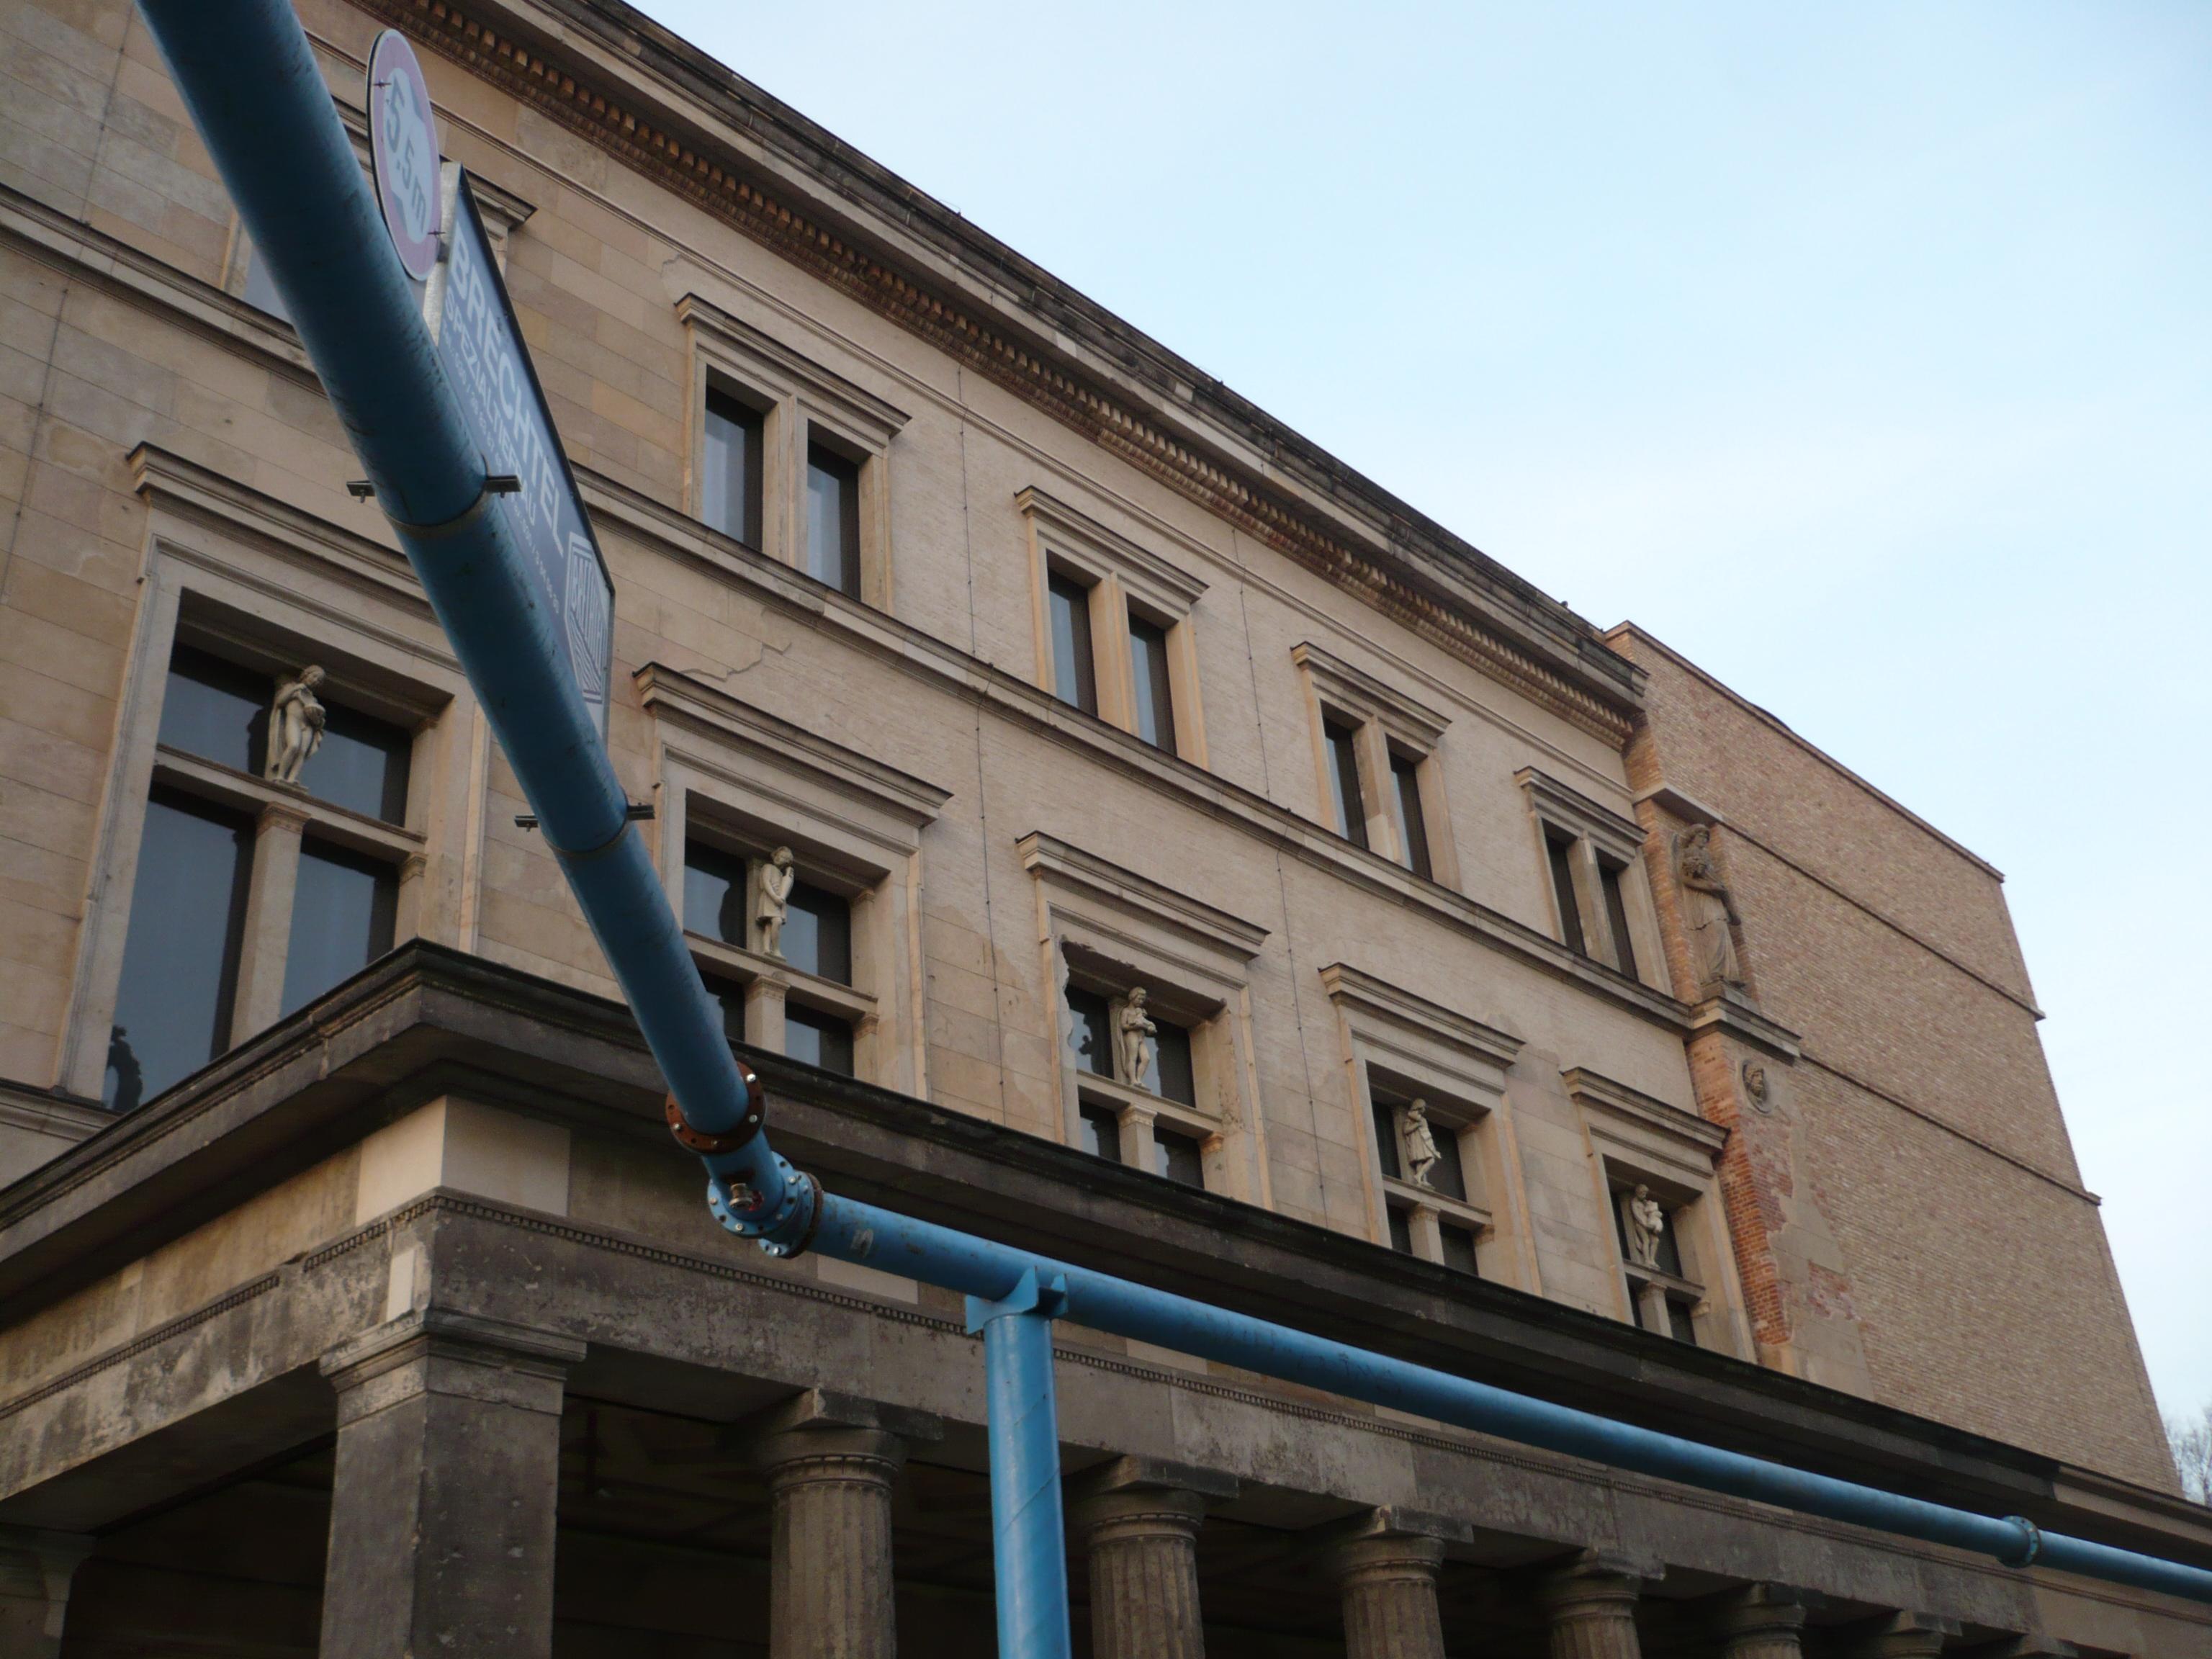 Musée et tuyaux